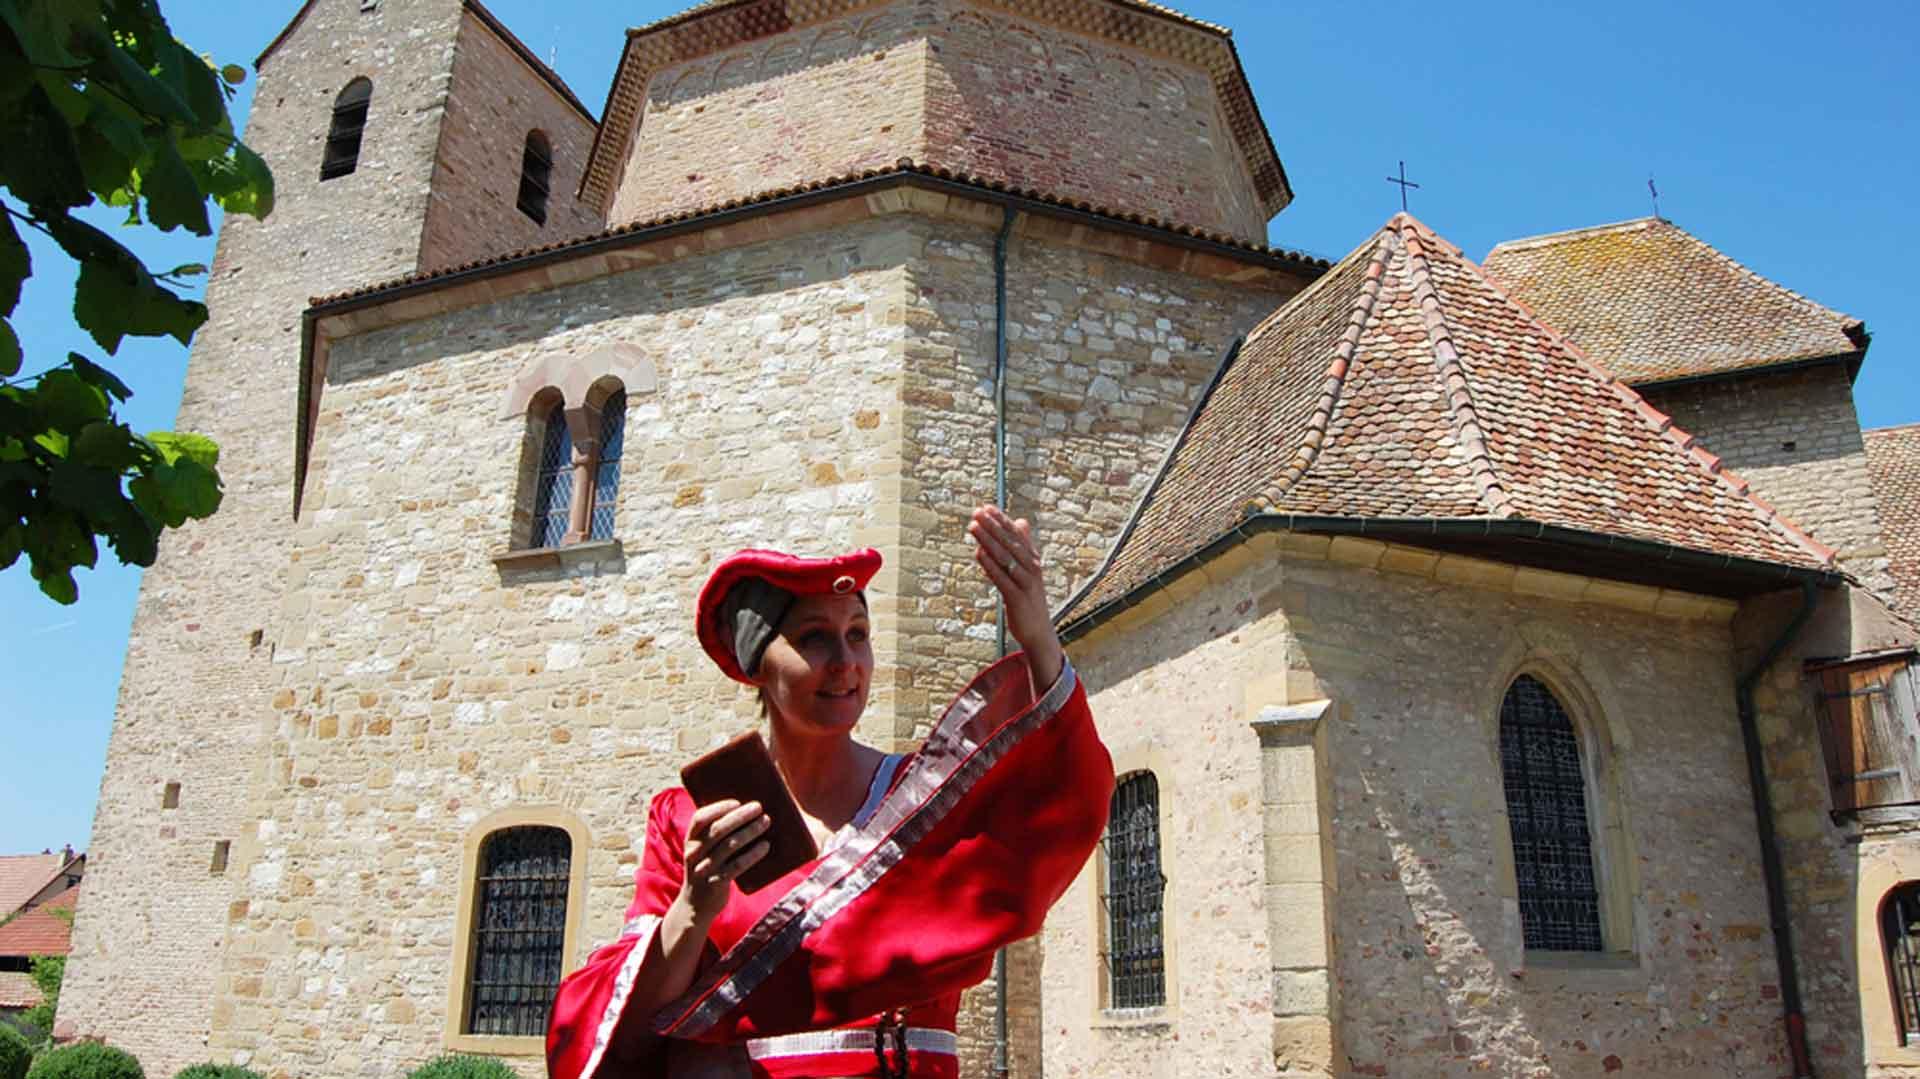 Visites théâtralisées de l'abbatiale d'Ottmarsheim